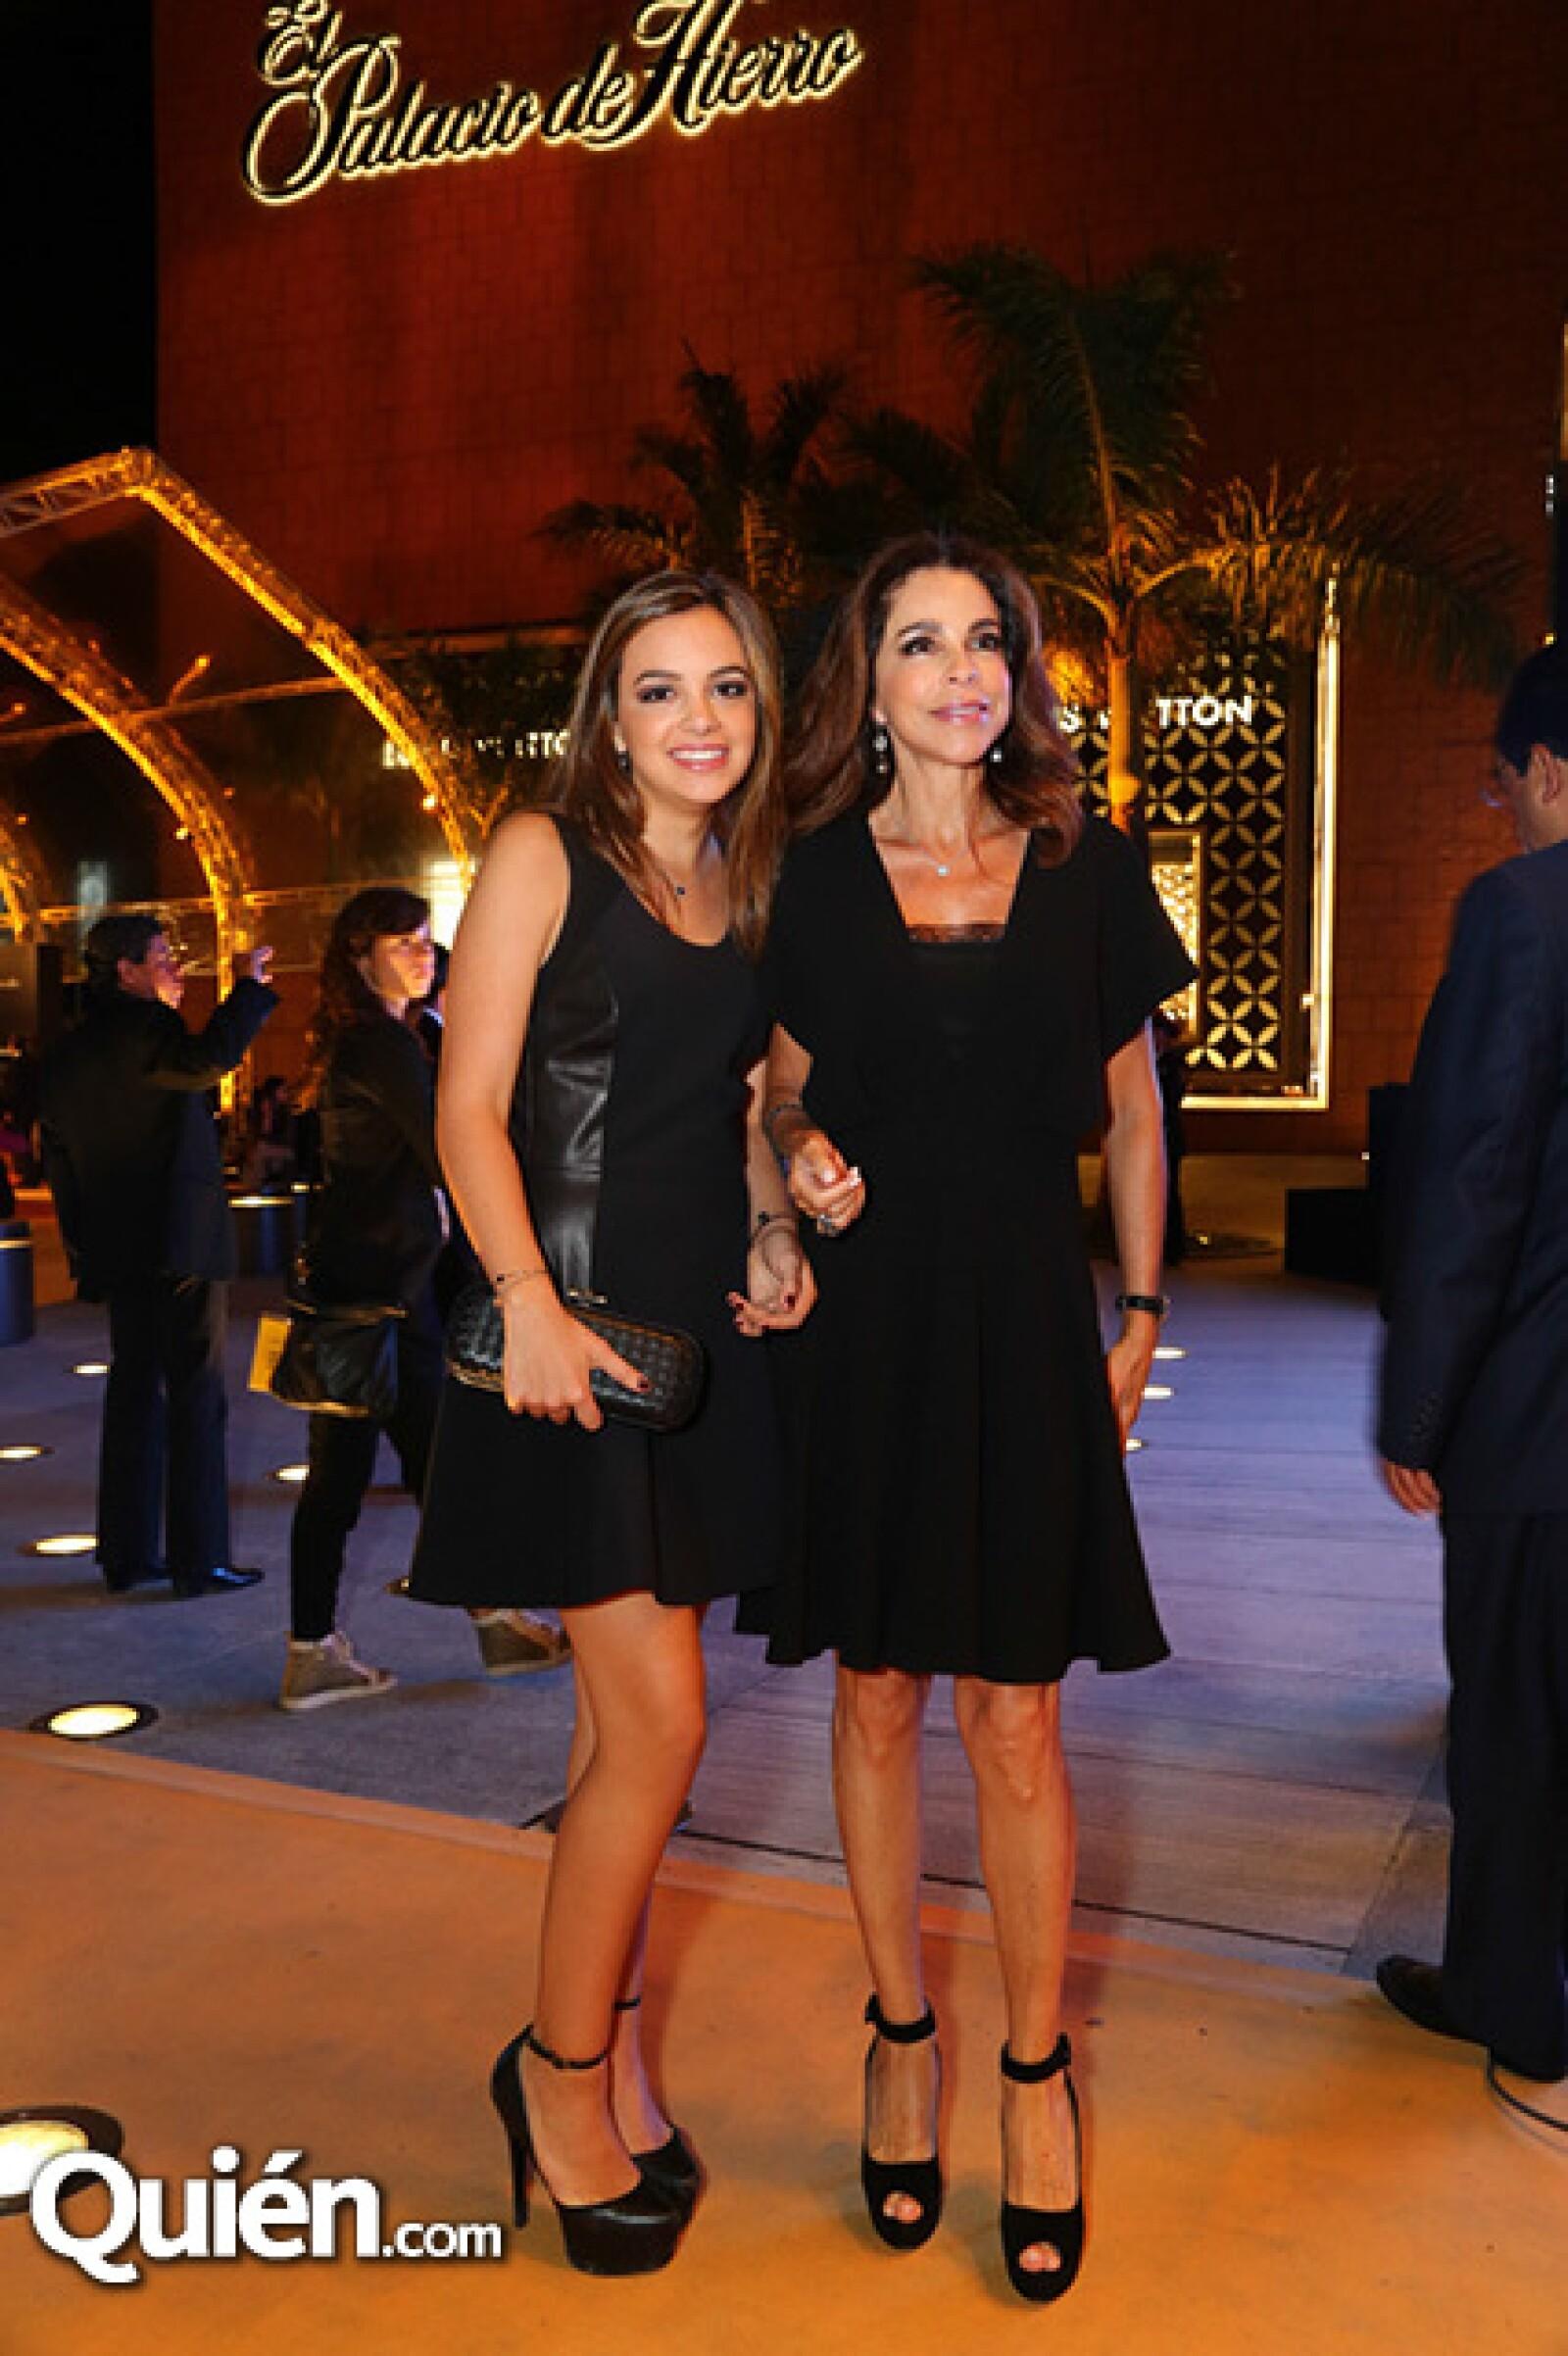 Susana Arnaud y Renata Barroso